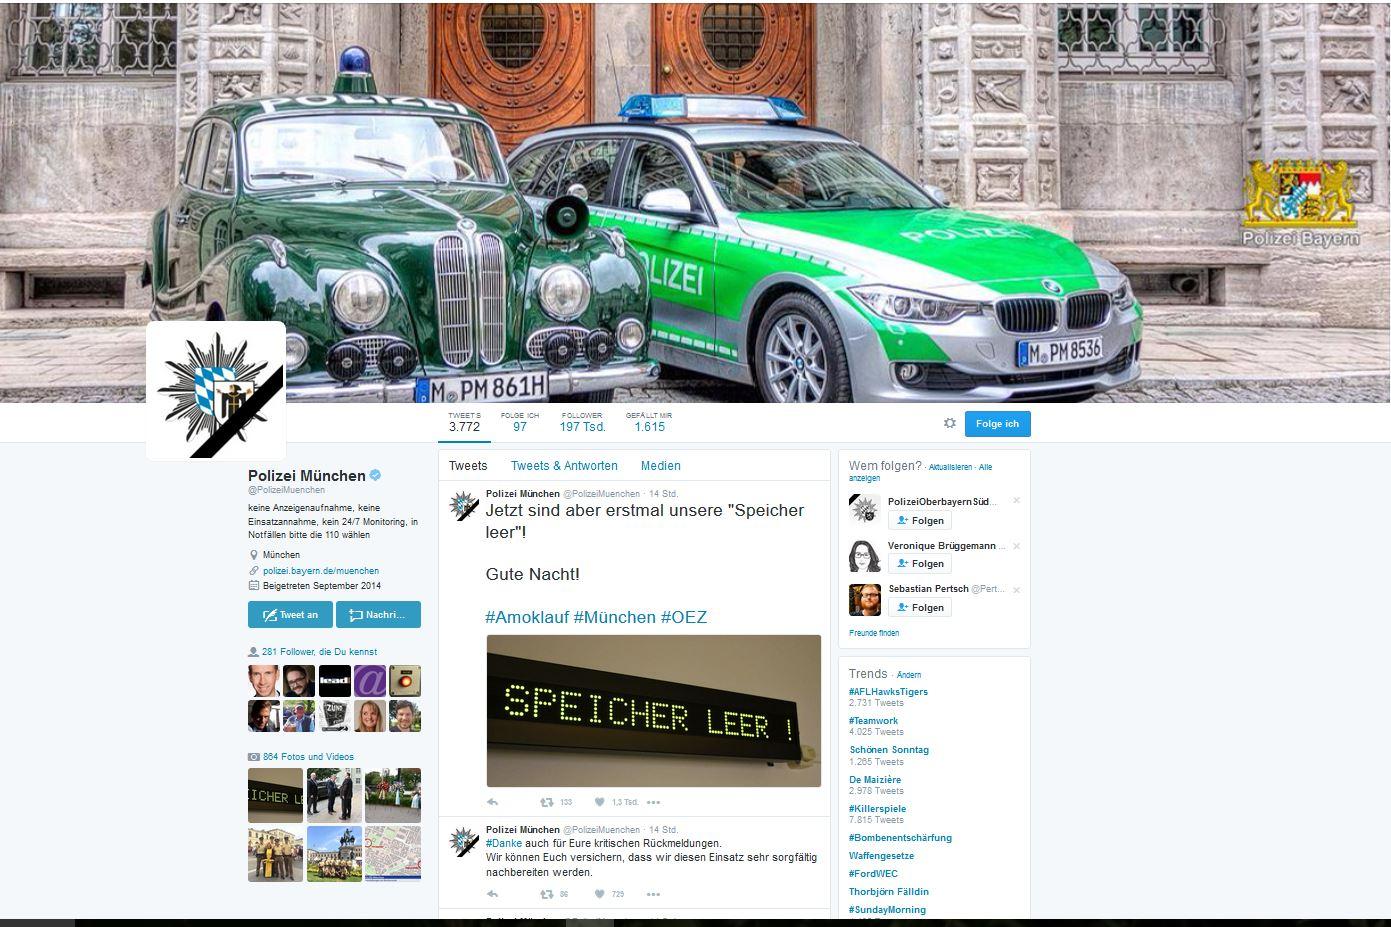 Polizei München auf Twitter: Mehr Relevanz geht nicht